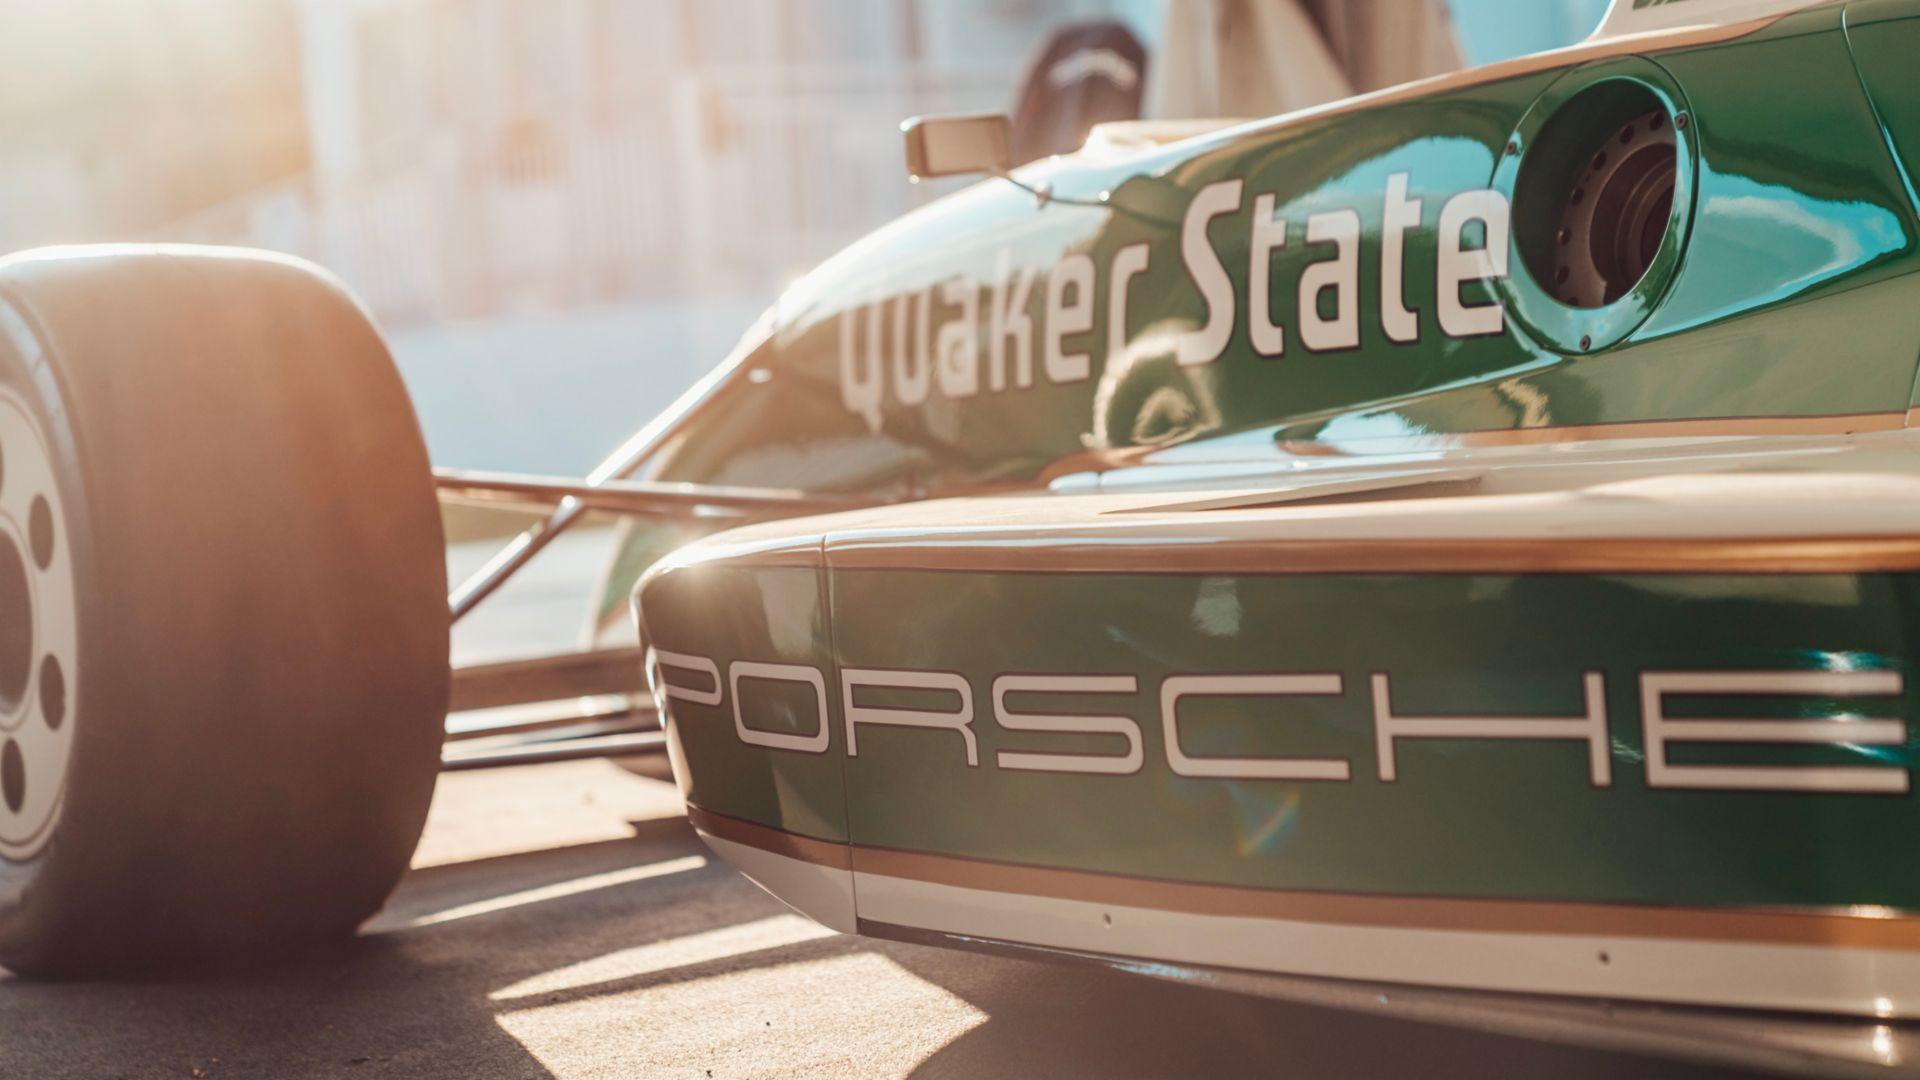 Porsche CART race car Type 2708